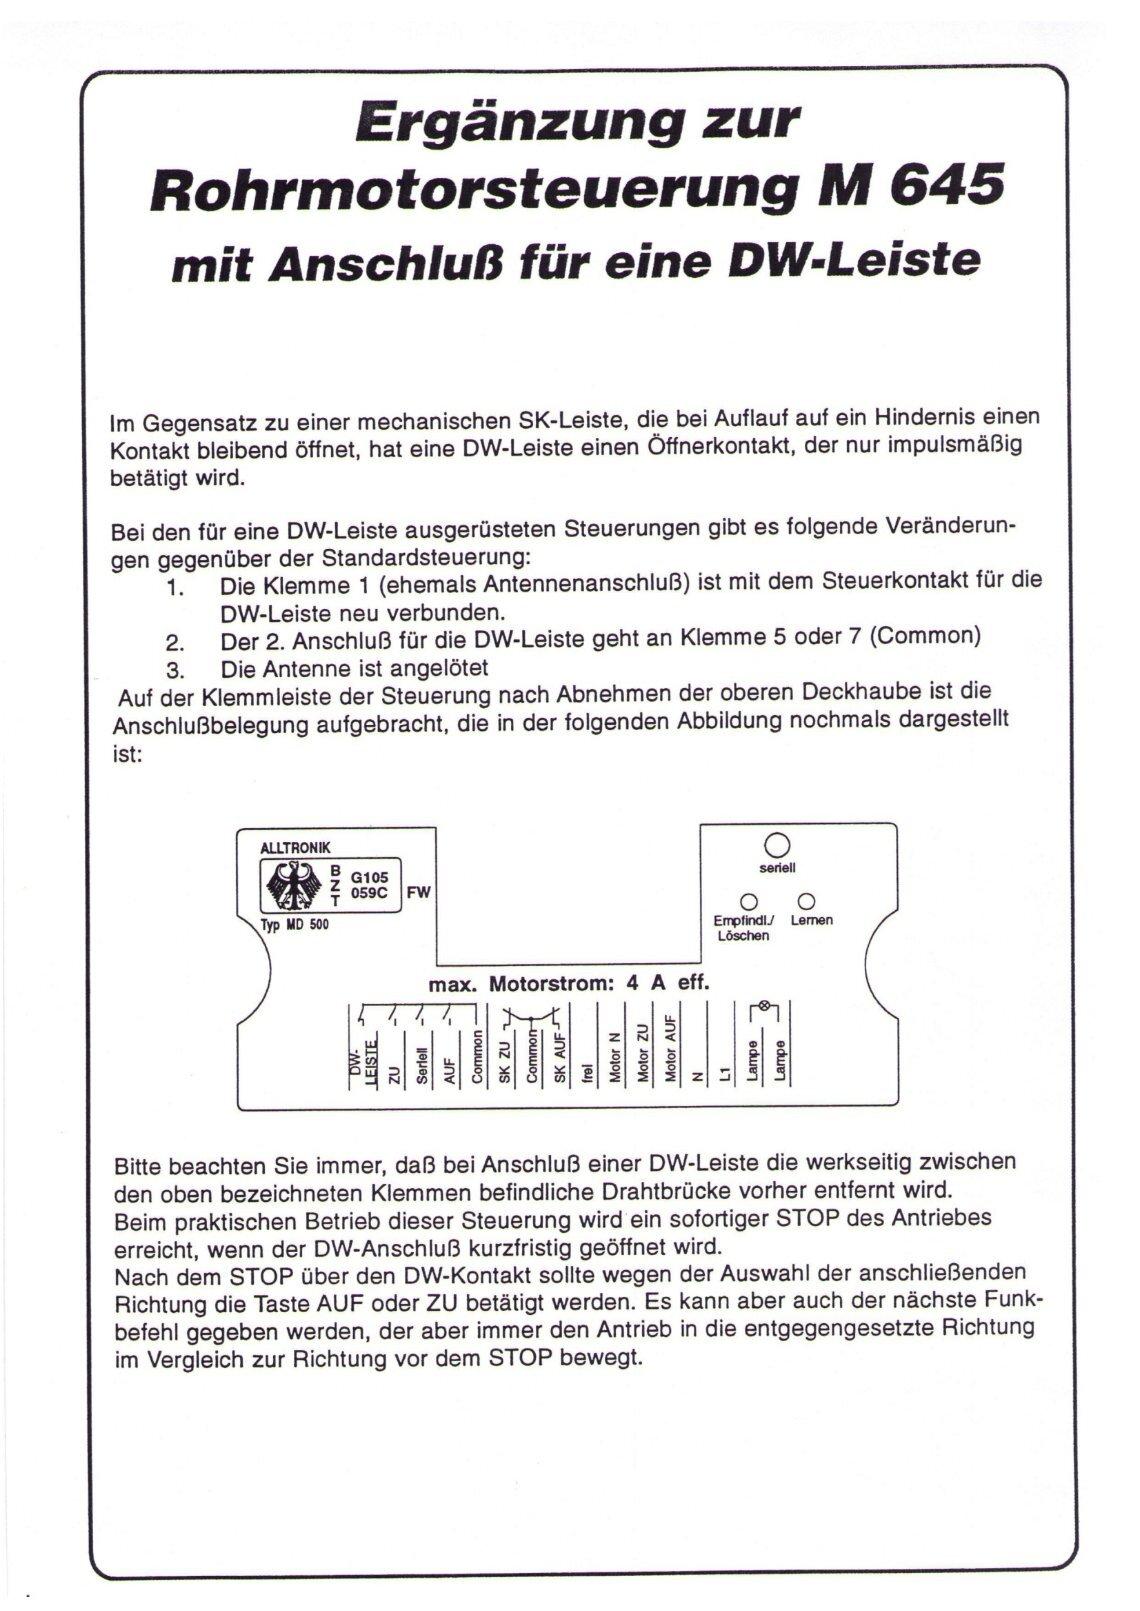 Tolle Verdrahtung Der Motorsteuerung Galerie - Elektrische ...